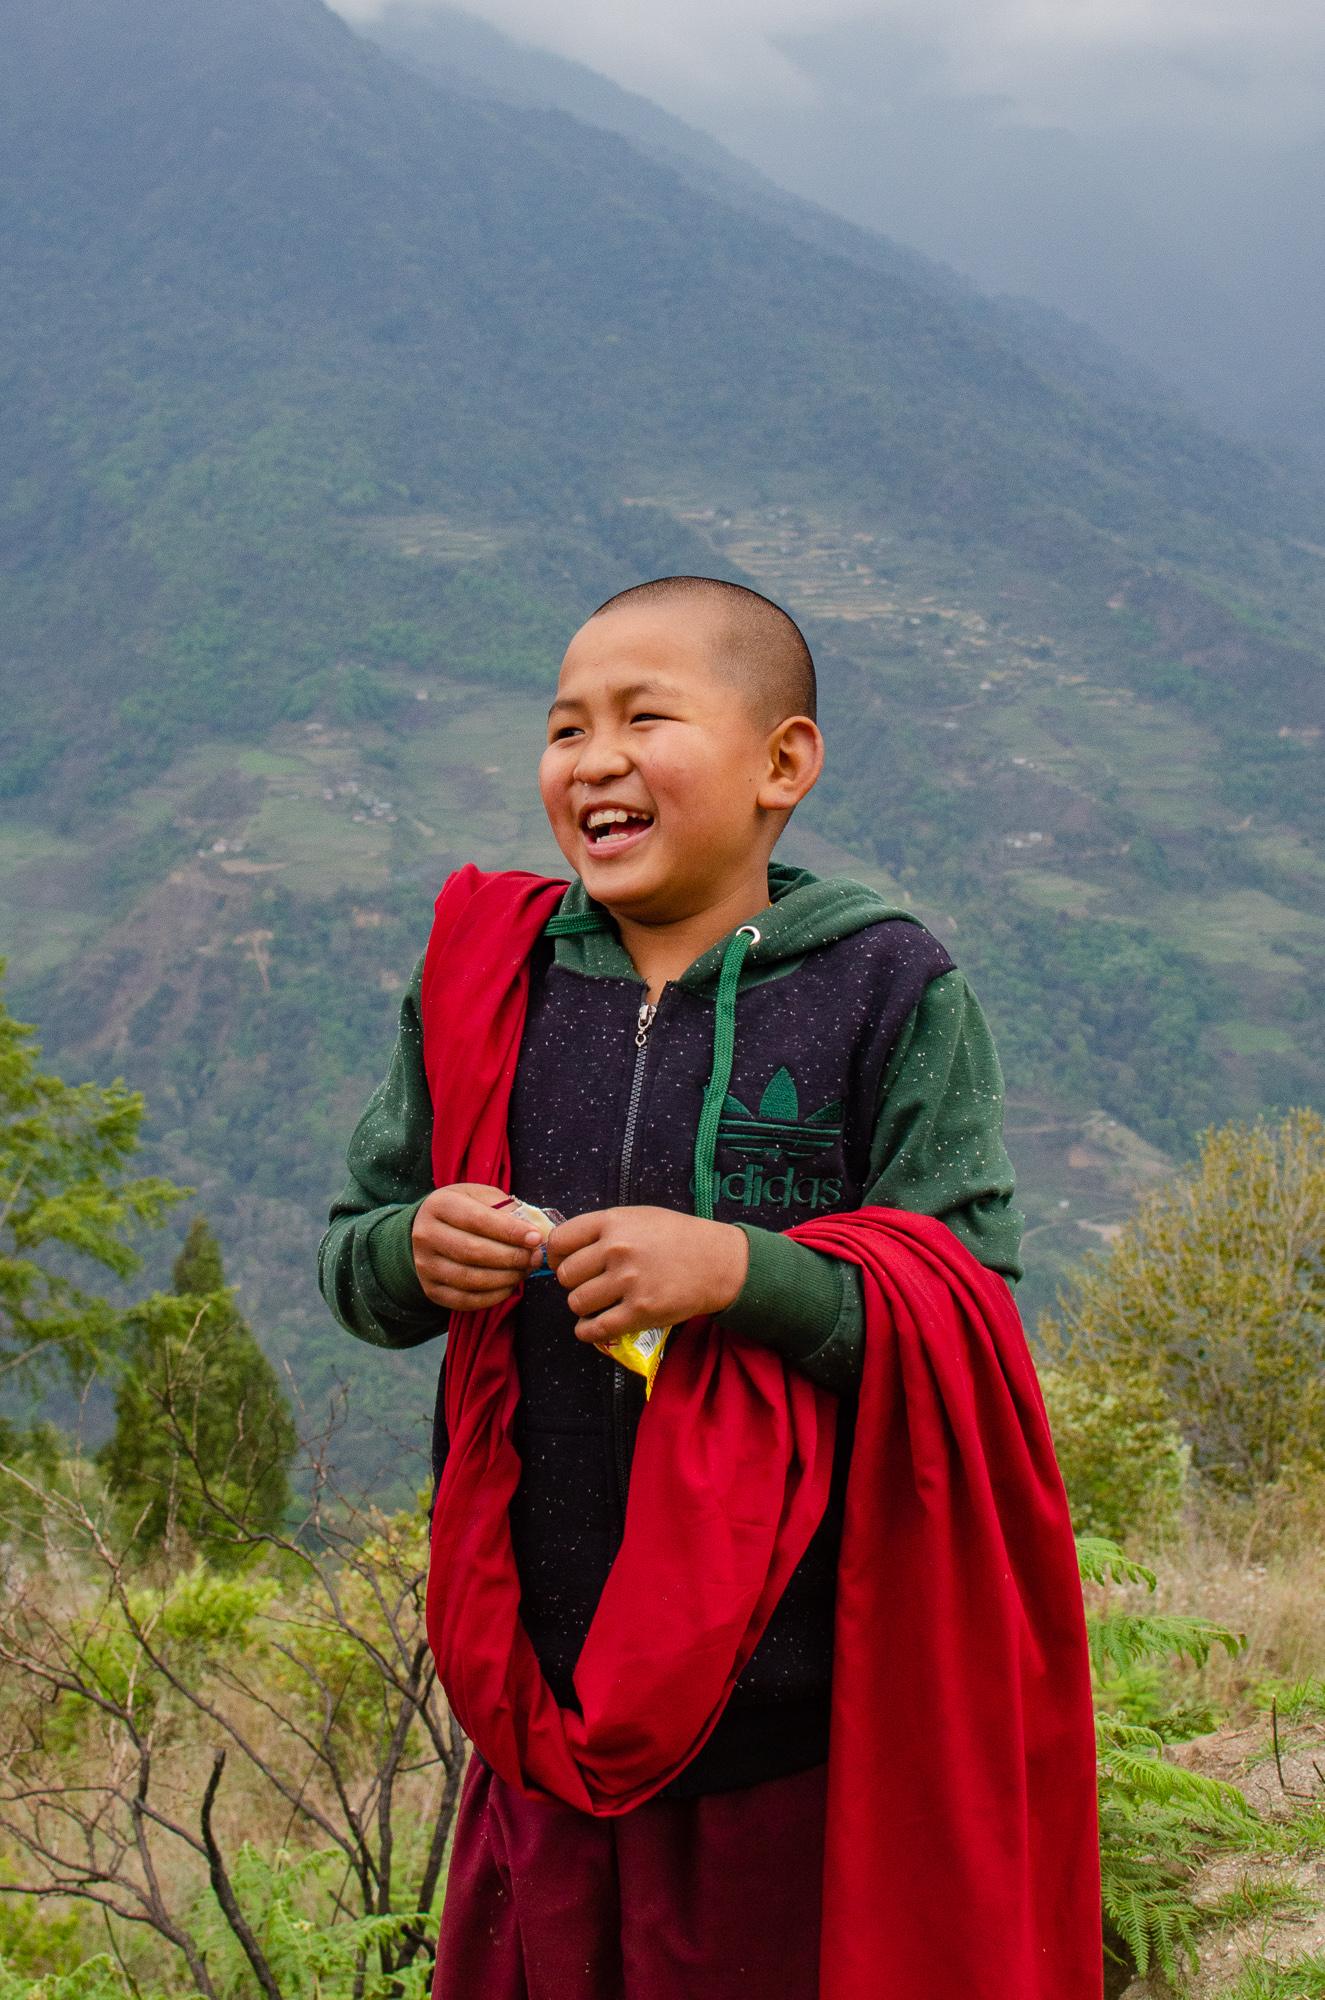 bhutan-green-tea-7.jpg